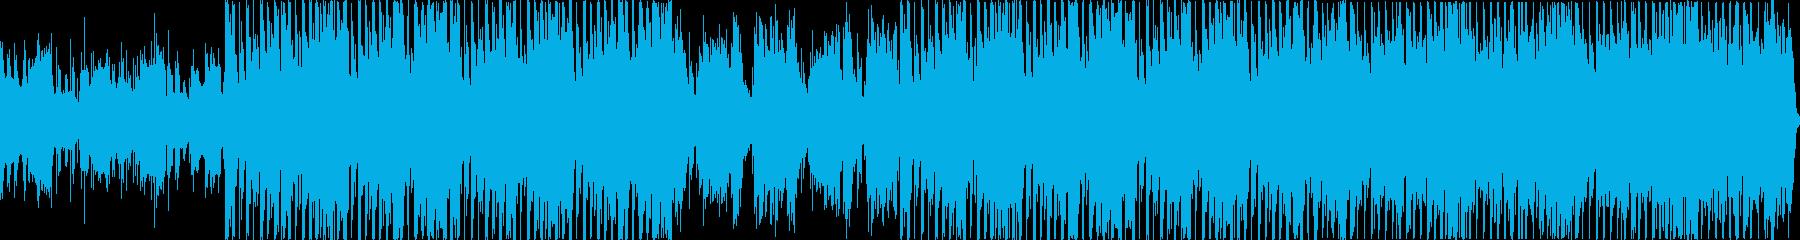 弦とピアノで怪しい緊迫感のクラブジャズの再生済みの波形